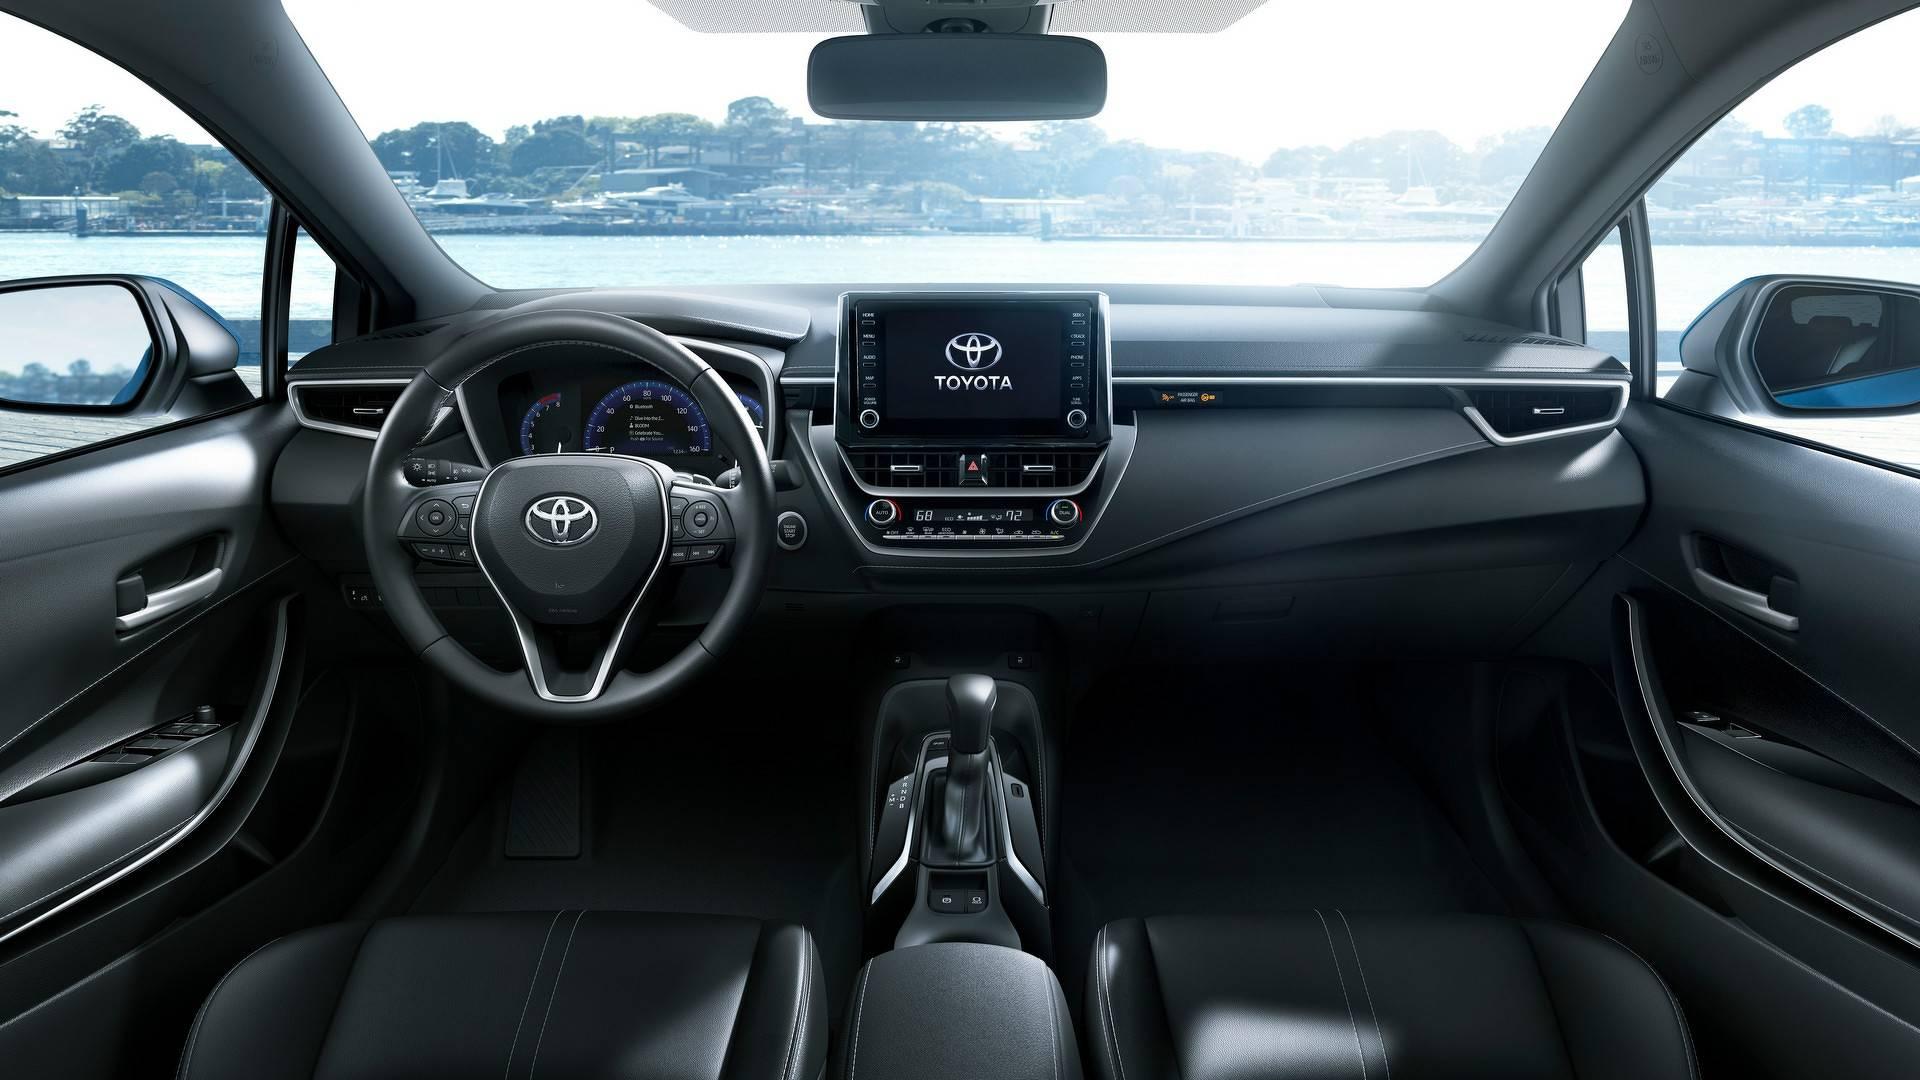 2019_Toyota_Corolla_Hatchback_0017